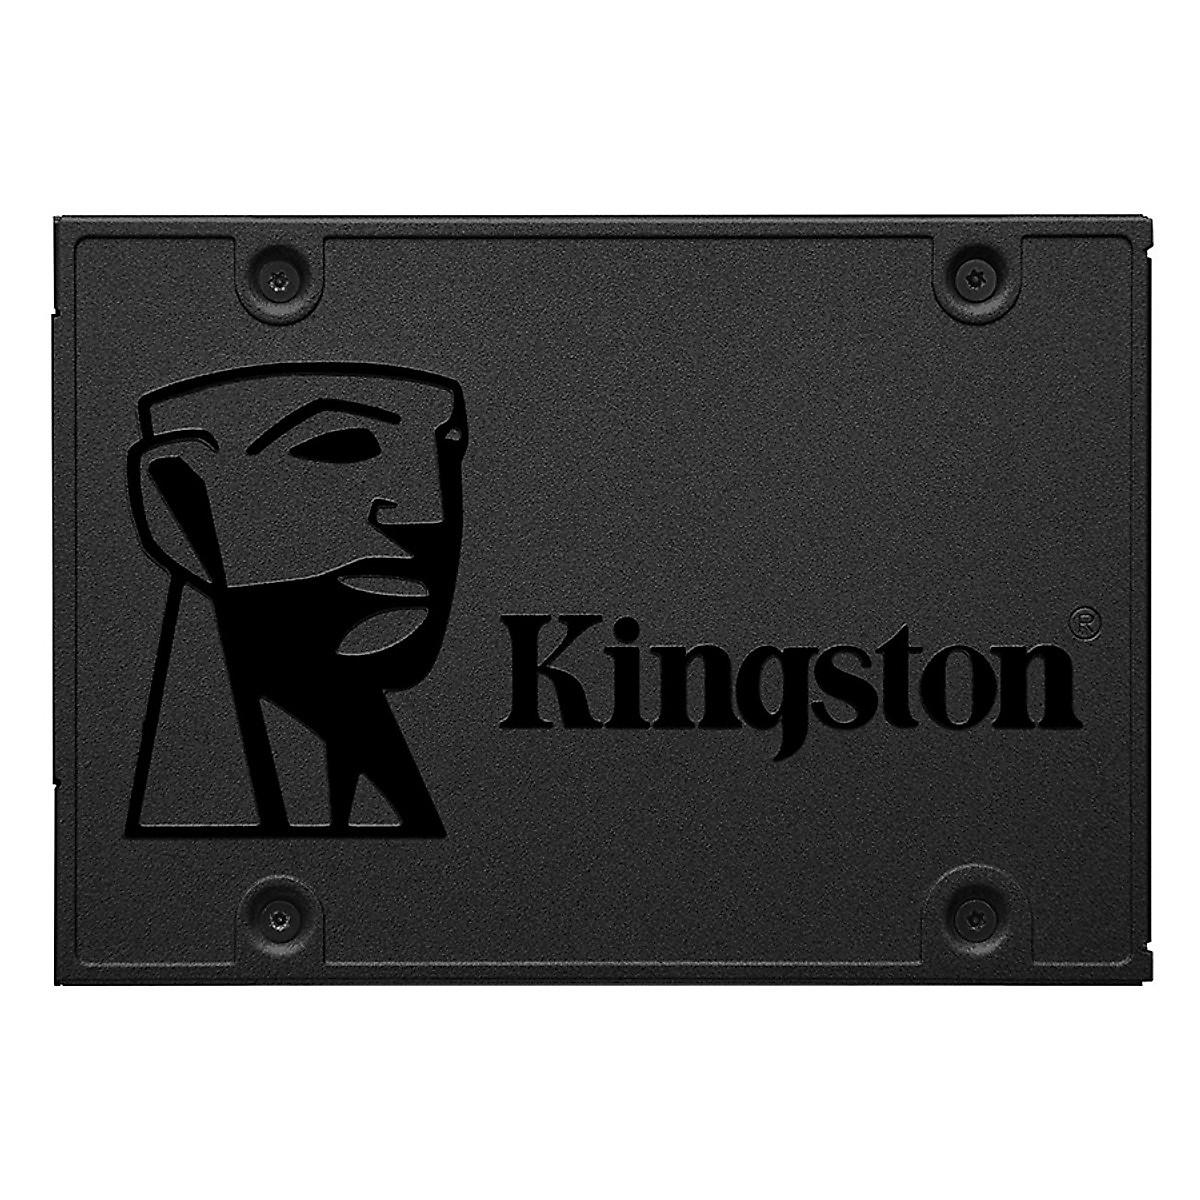 Ổ Cứng SSD Kingston A400 (240GB) – Hàng Chính Hãng